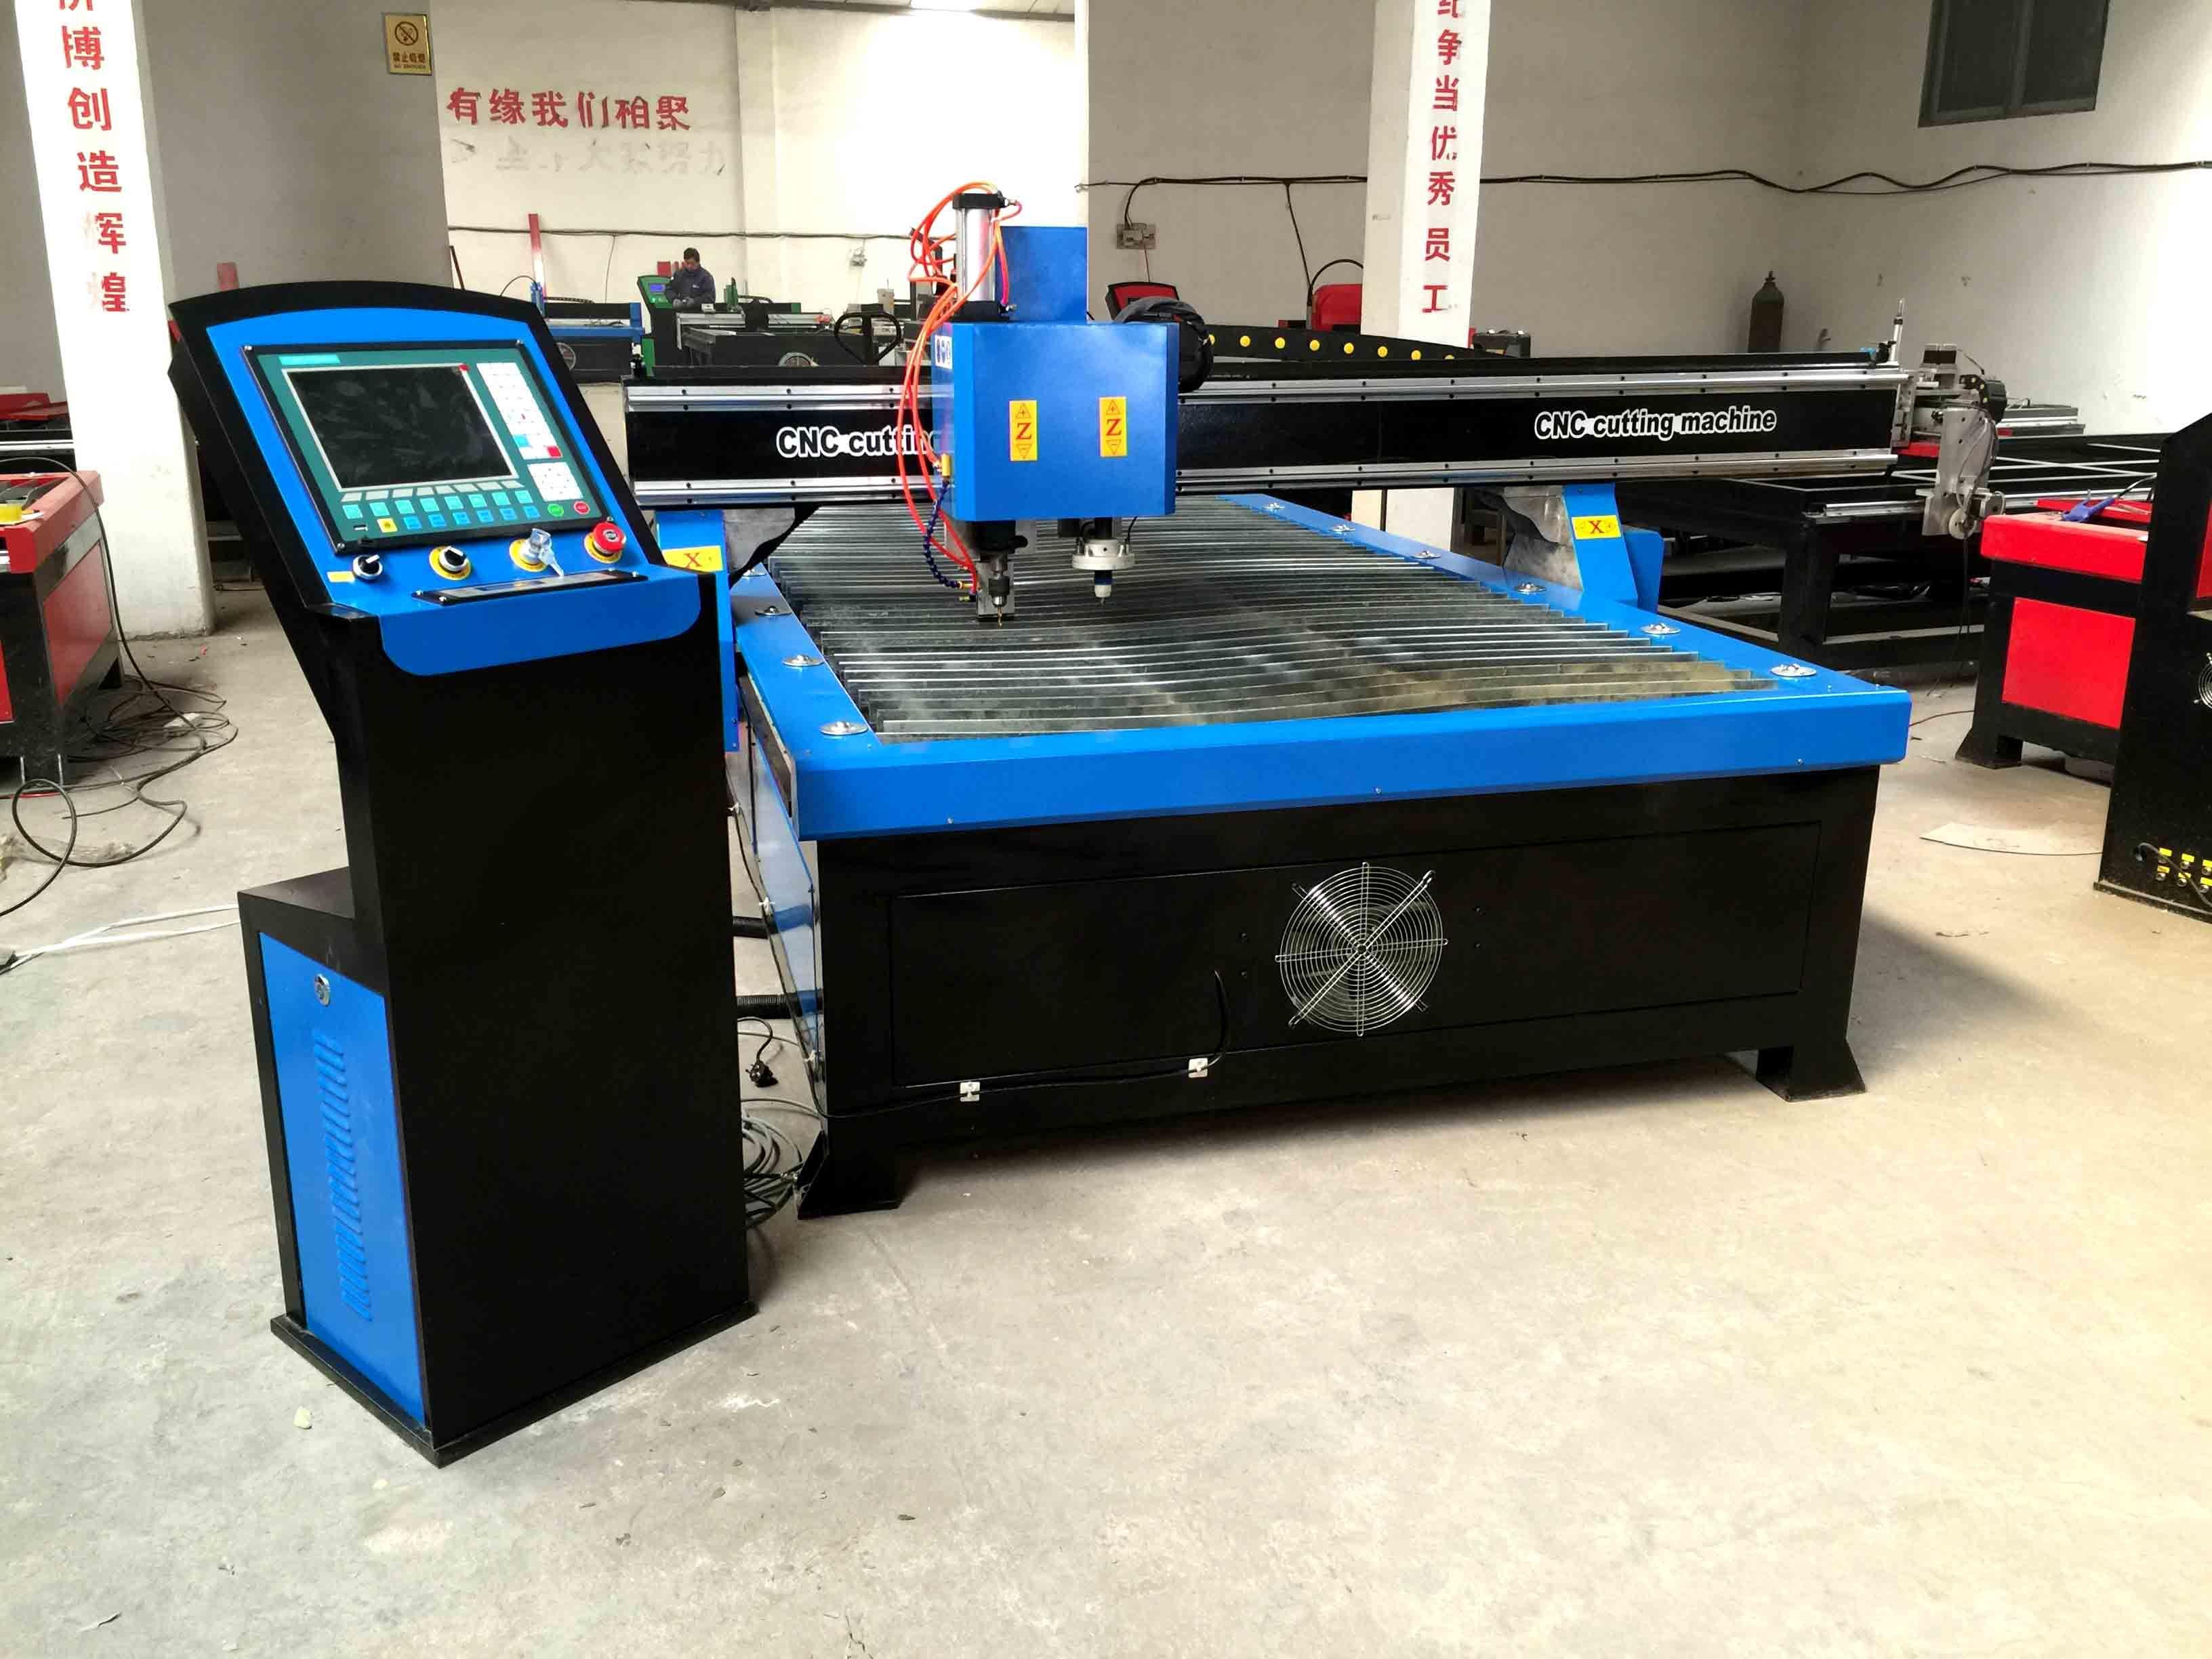 American Hypertherm 65A Heavy Duty Plasma Cutting Machine R1325